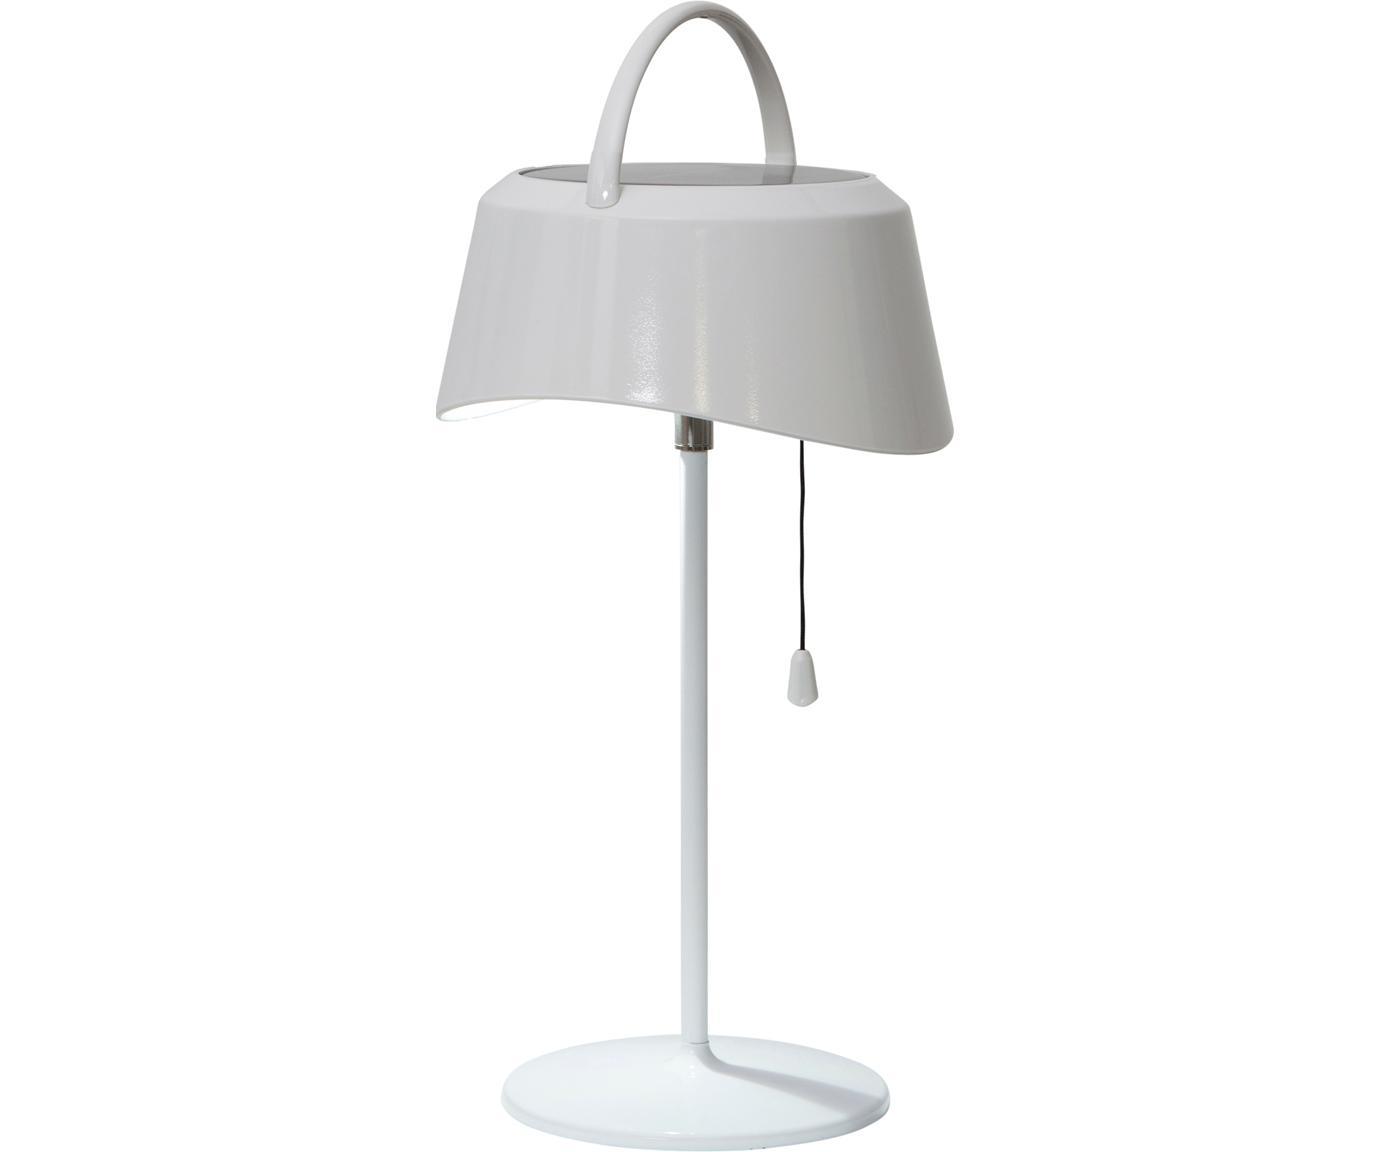 Lámpara de mesa solar LED para exterior Cevia, Plástico, Blanco, L 18 x Al 36 cm